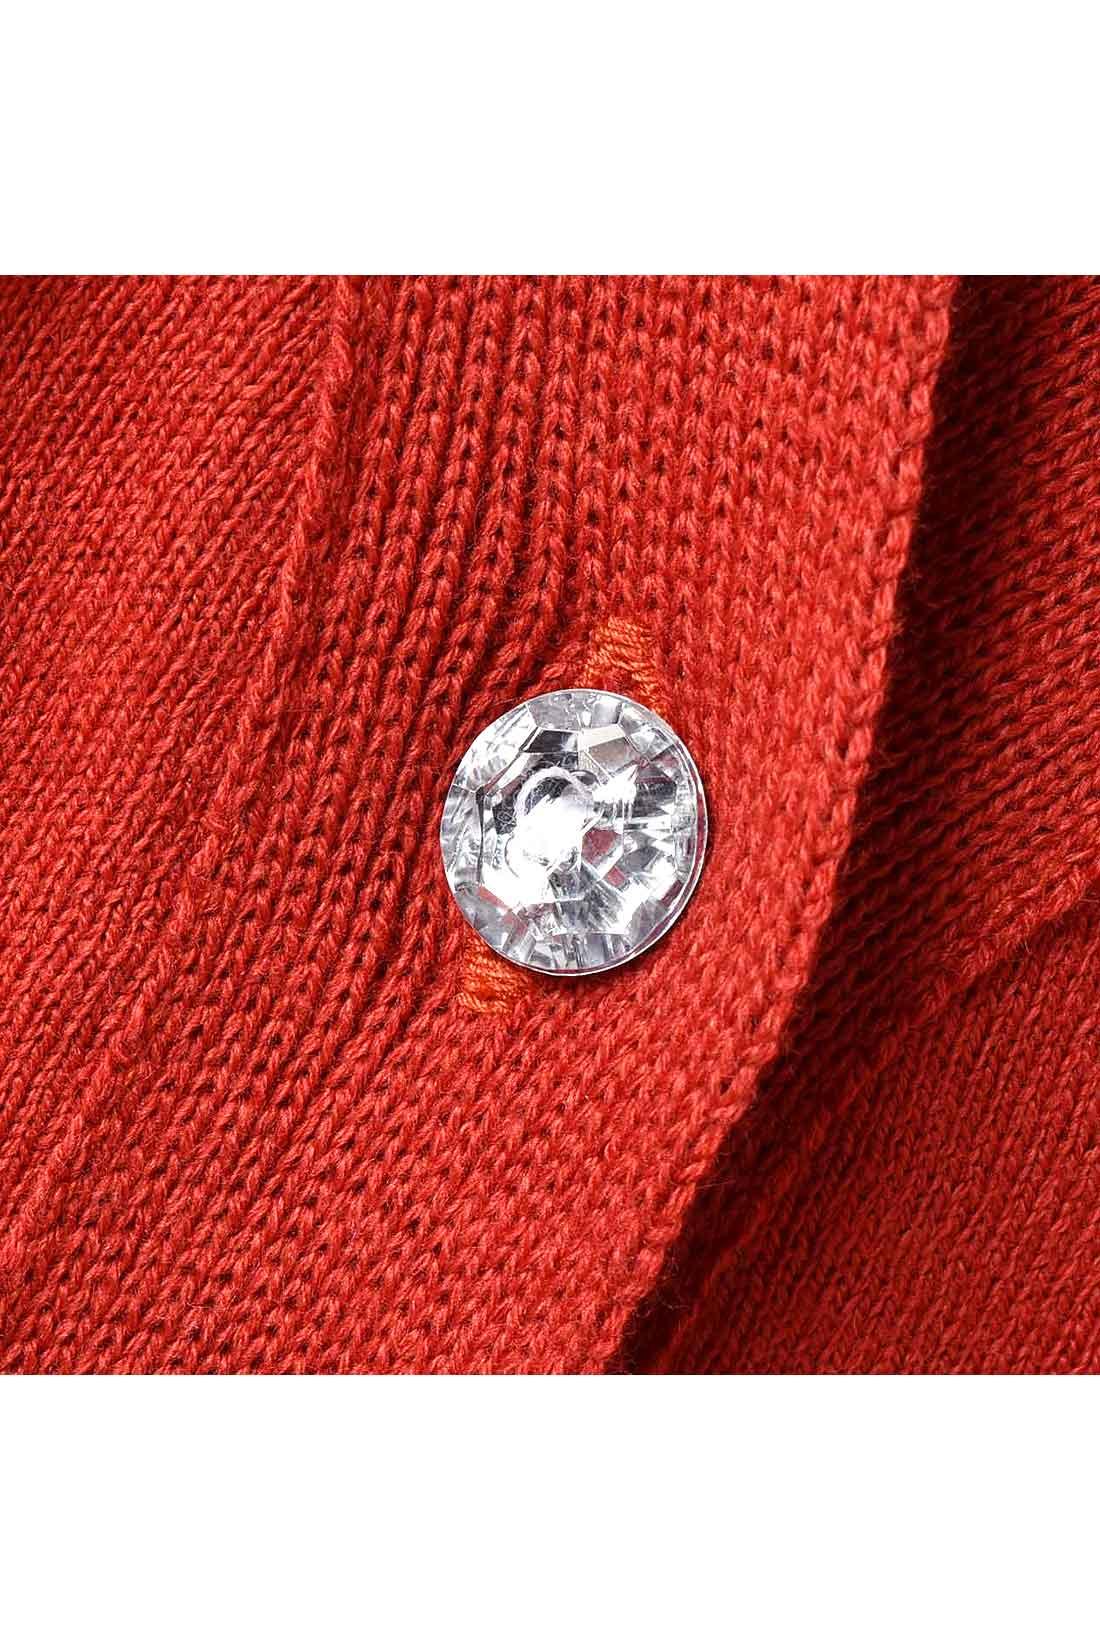 きらり輝きを放つビジューボタンが、カジュアルに上品さをプラス。